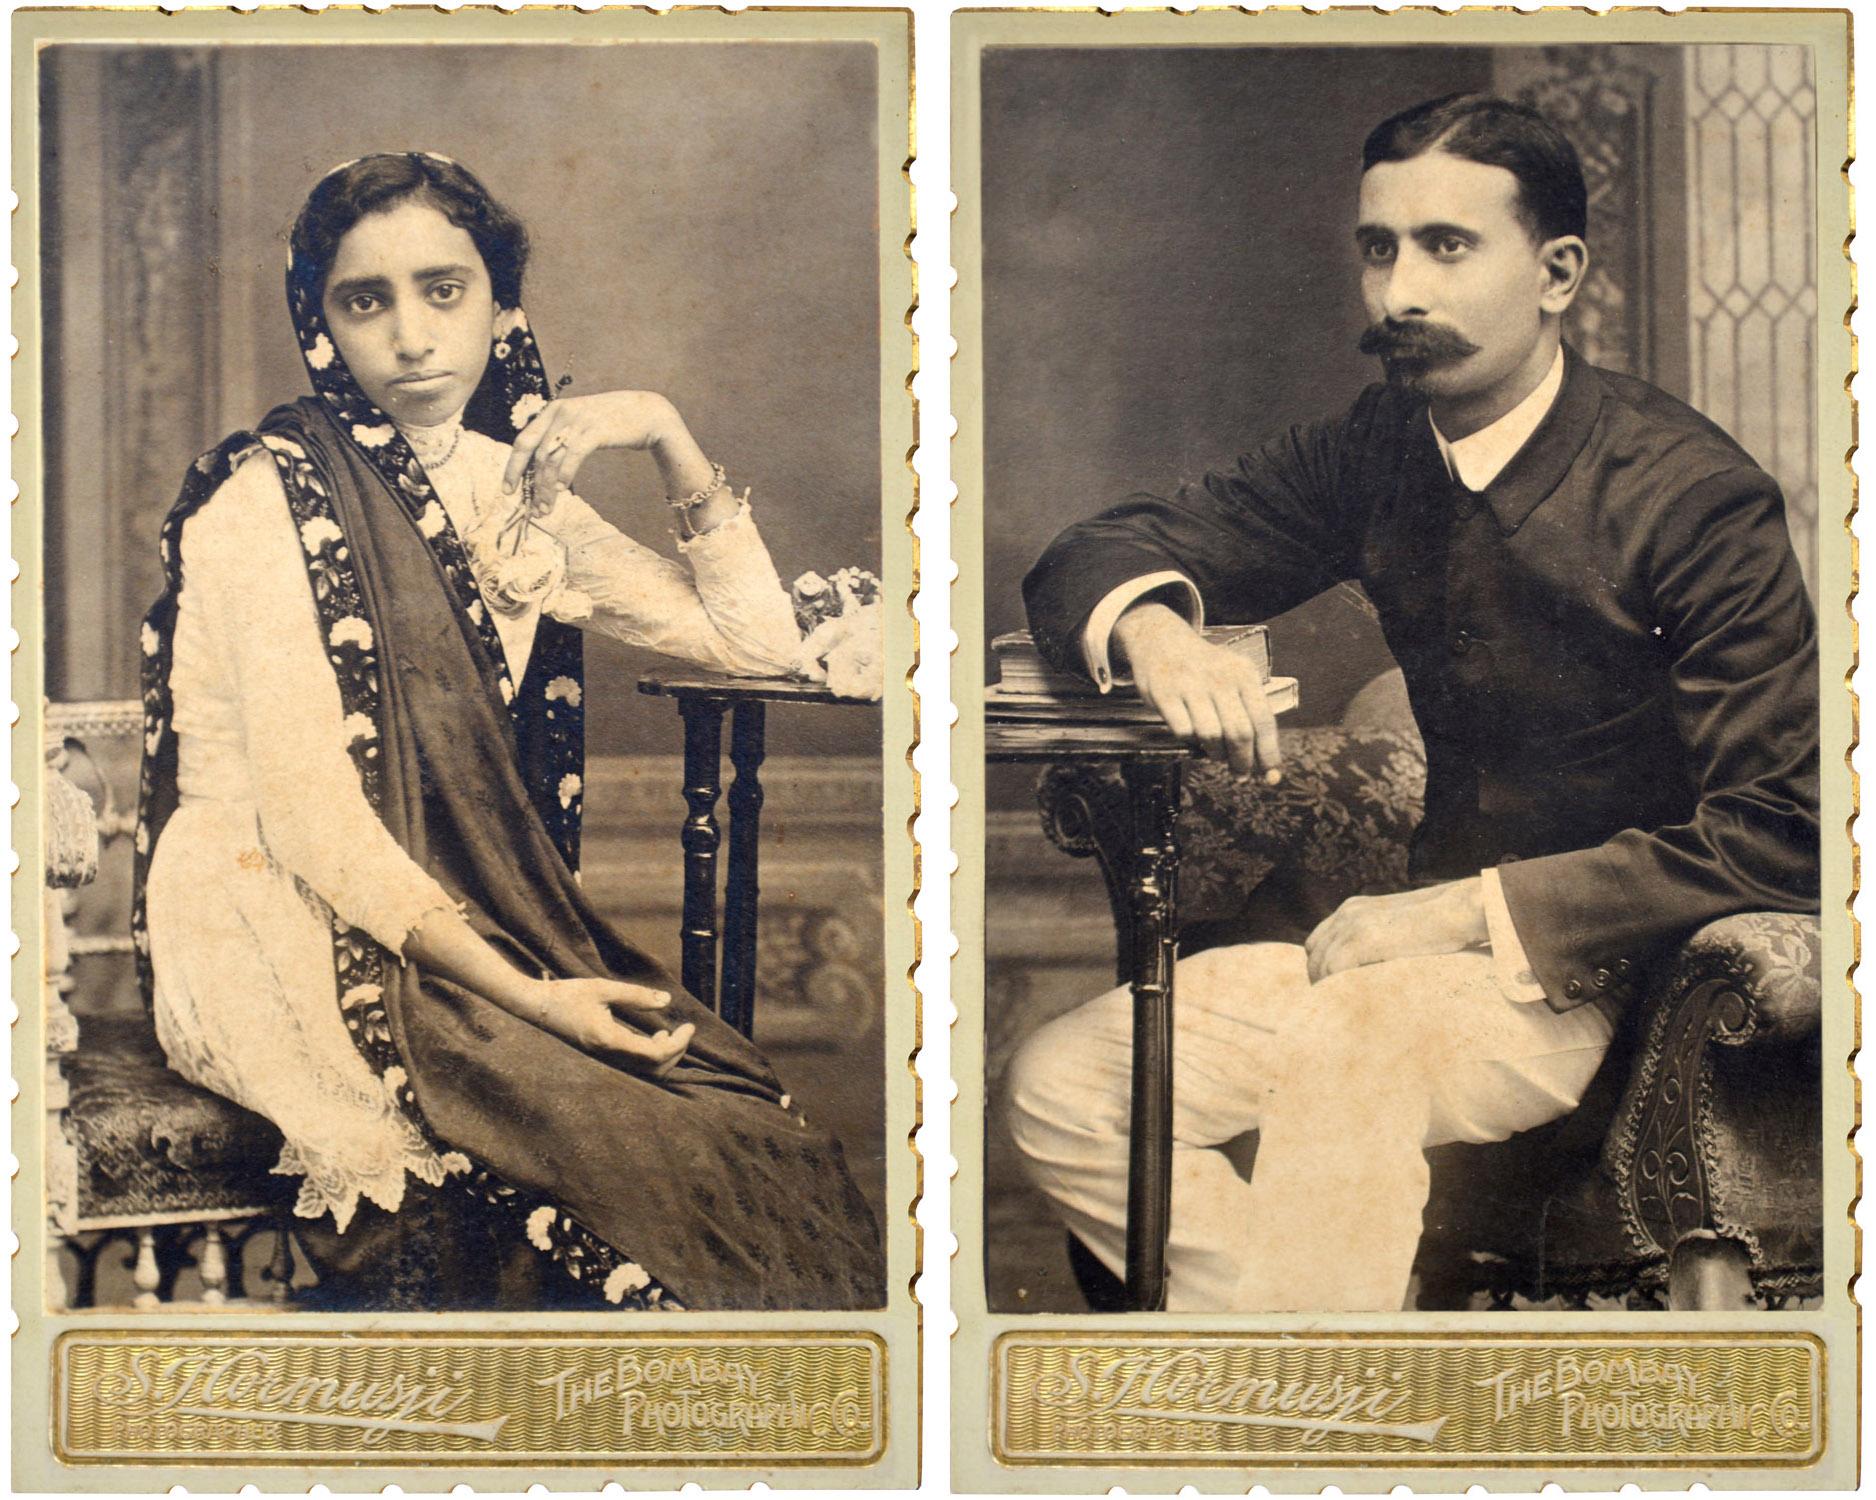 Shirinbai & Homee Framroze Punthakey